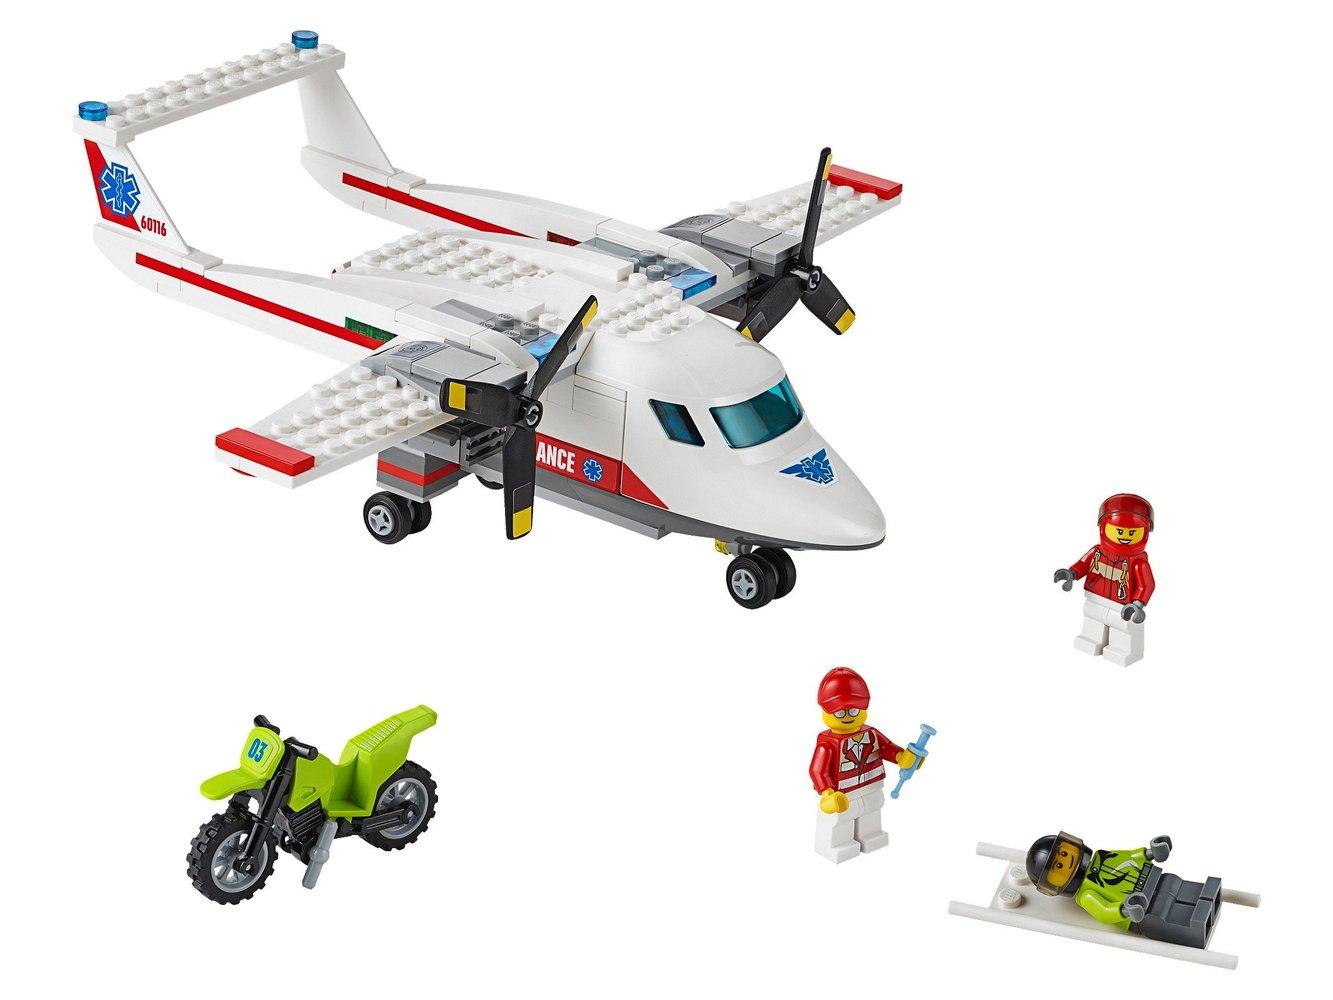 Lego Town 60116 Pas Cher, L'Avion De Secours avec Lego Avion De Ligne